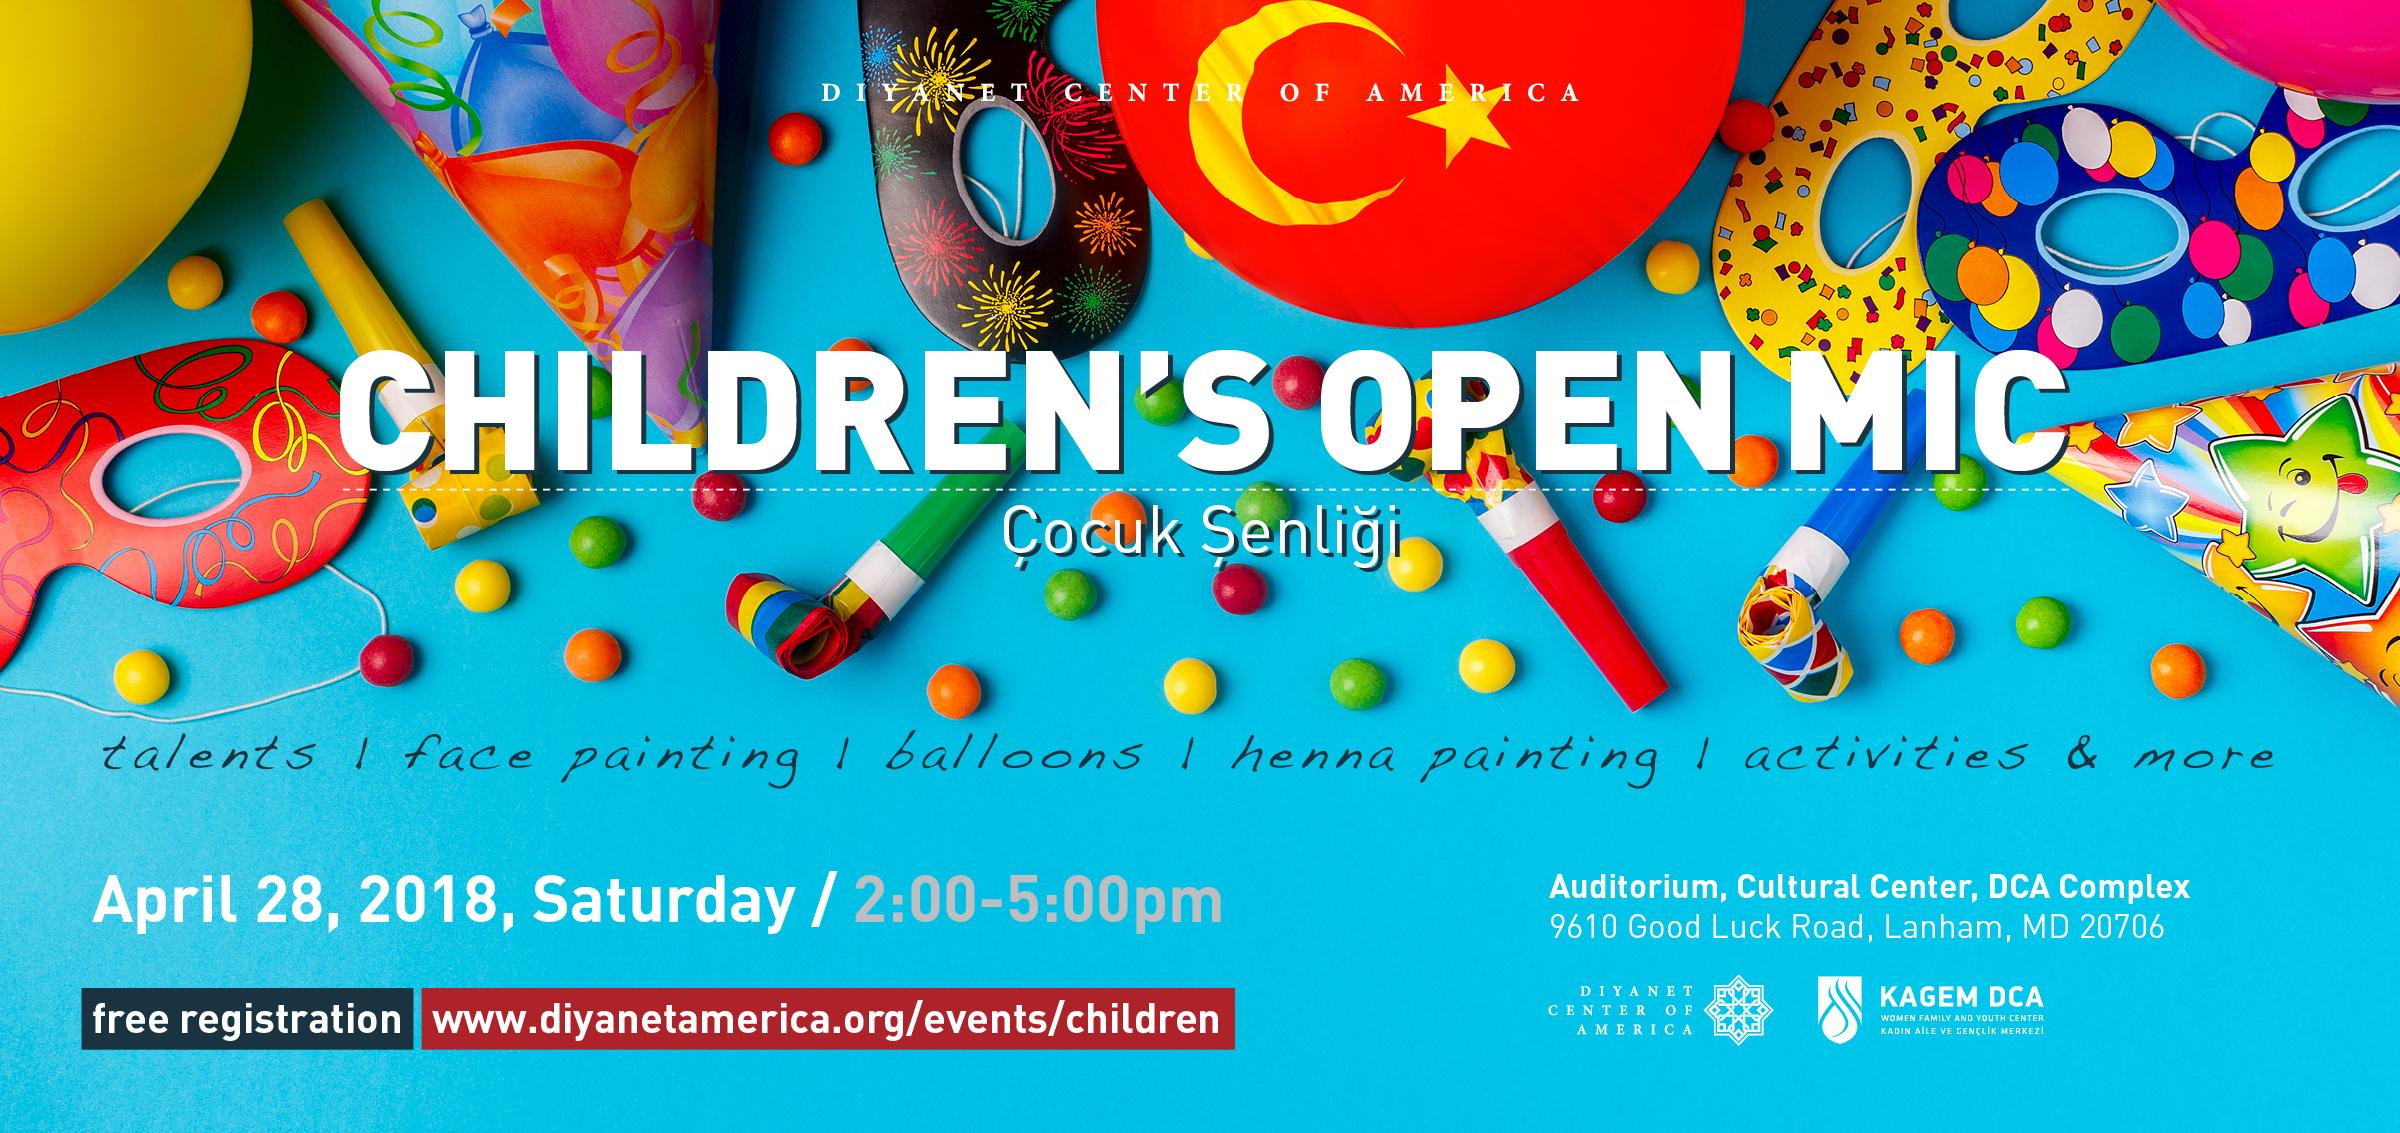 Children's Open Mic - Çocuk Şenliği